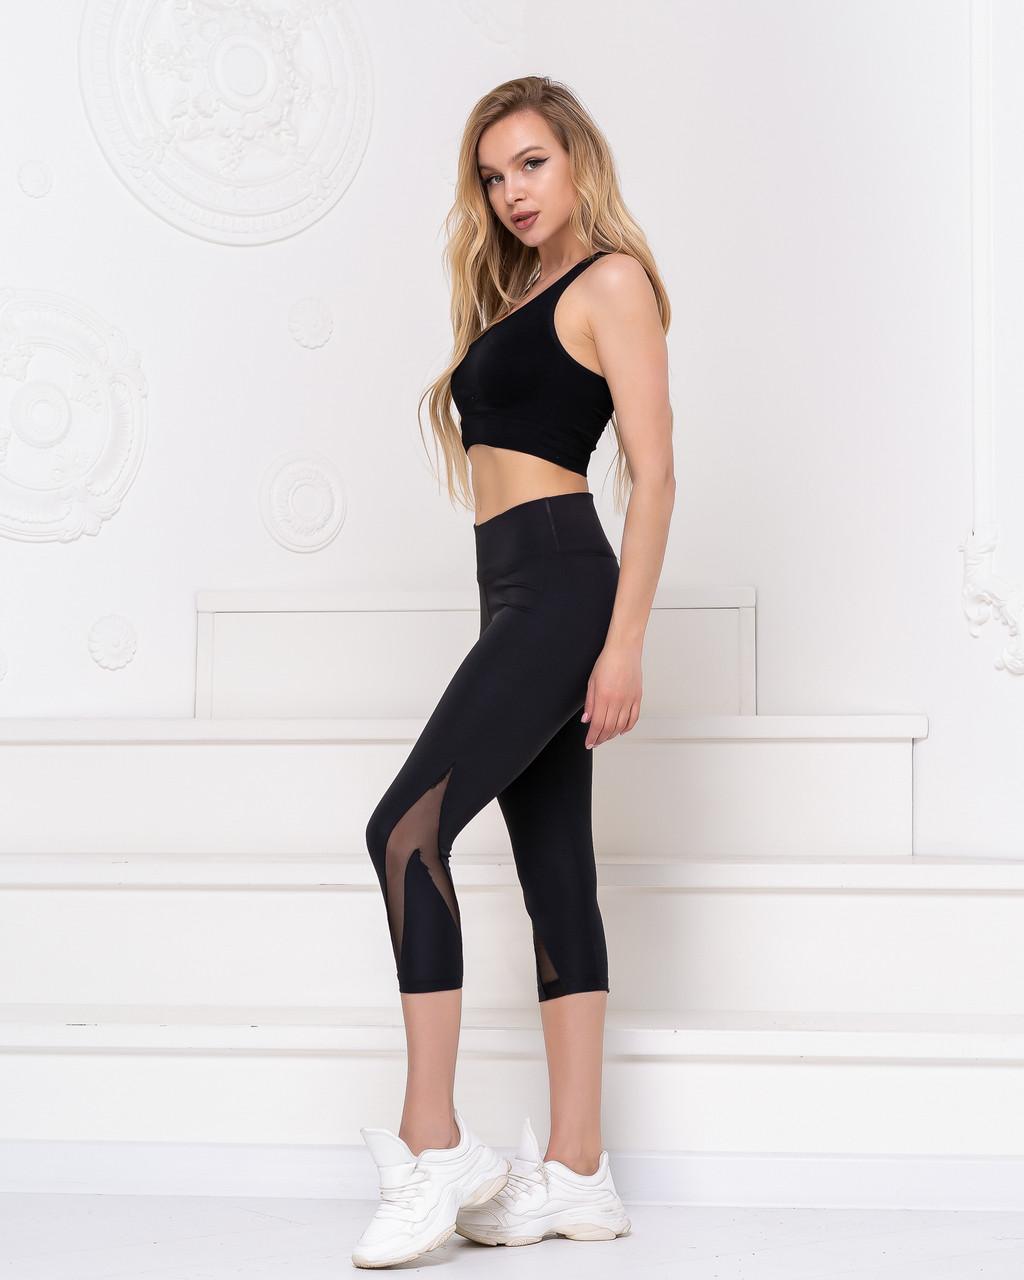 Классные удобные женские бриджи,черные,вставка мелкая сеточка углом.